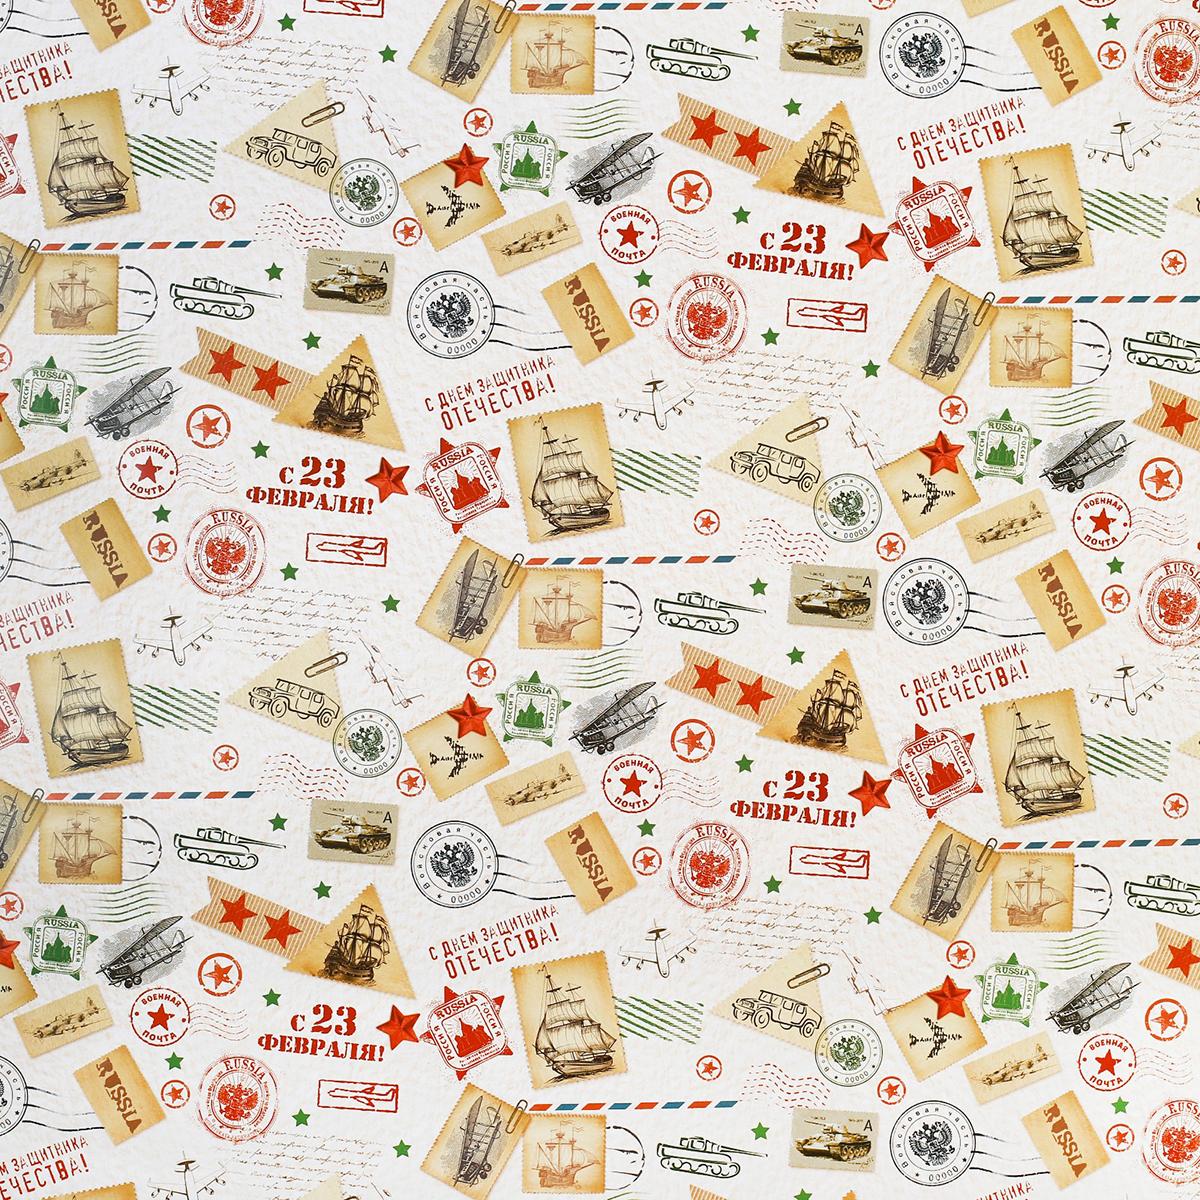 Бумага упаковочная Дарите счастье Марки с 23 февраля, глянцевая, 70 х 100 см. 28746602874660Любой подарок начинается с упаковки. Что может быть трогательнее и волшебнее, чем ритуалразворачивания полученного презента. И именно оригинальная, со вкусом выбранная упаковкавыделит ваш подарок из массы других. Она продемонстрирует самые тёплые чувства к виновникуторжества и создаст сказочную атмосферу праздника. Бумага упаковочная глянец Марки с 23февраля — это то, что вы искали.